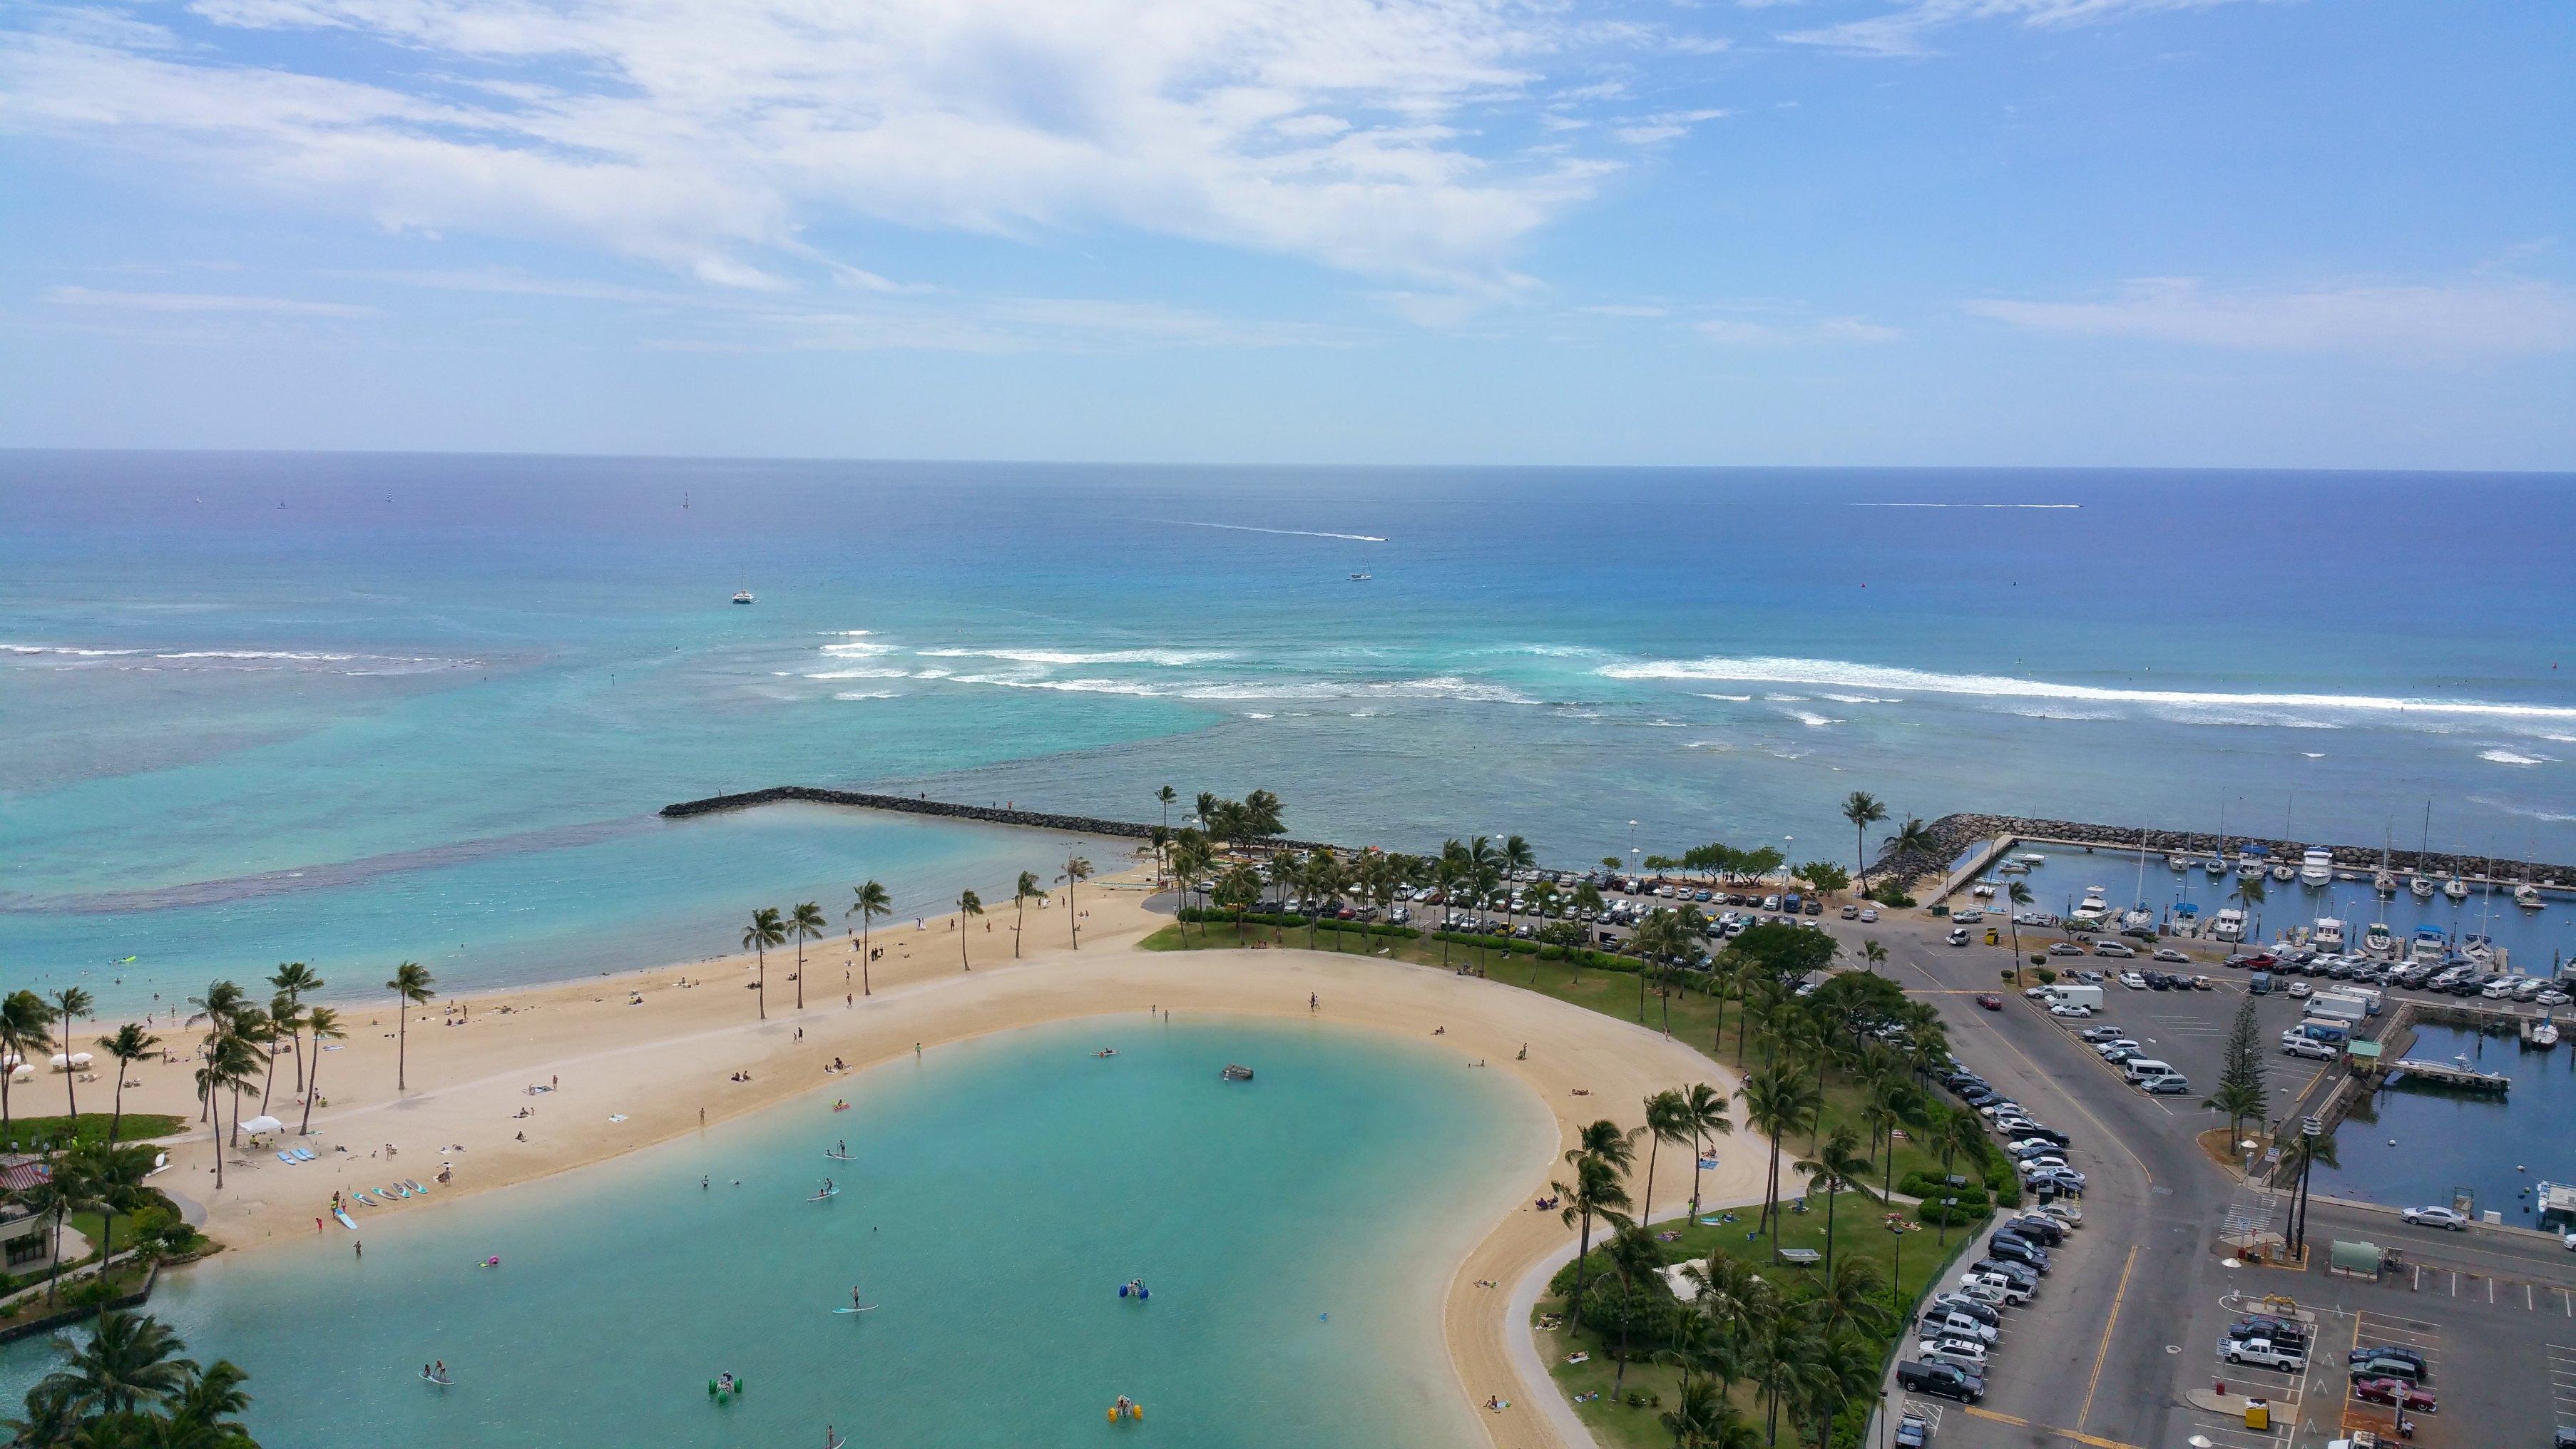 Ilikai Hotel & Luxury Suites ocean view pictures